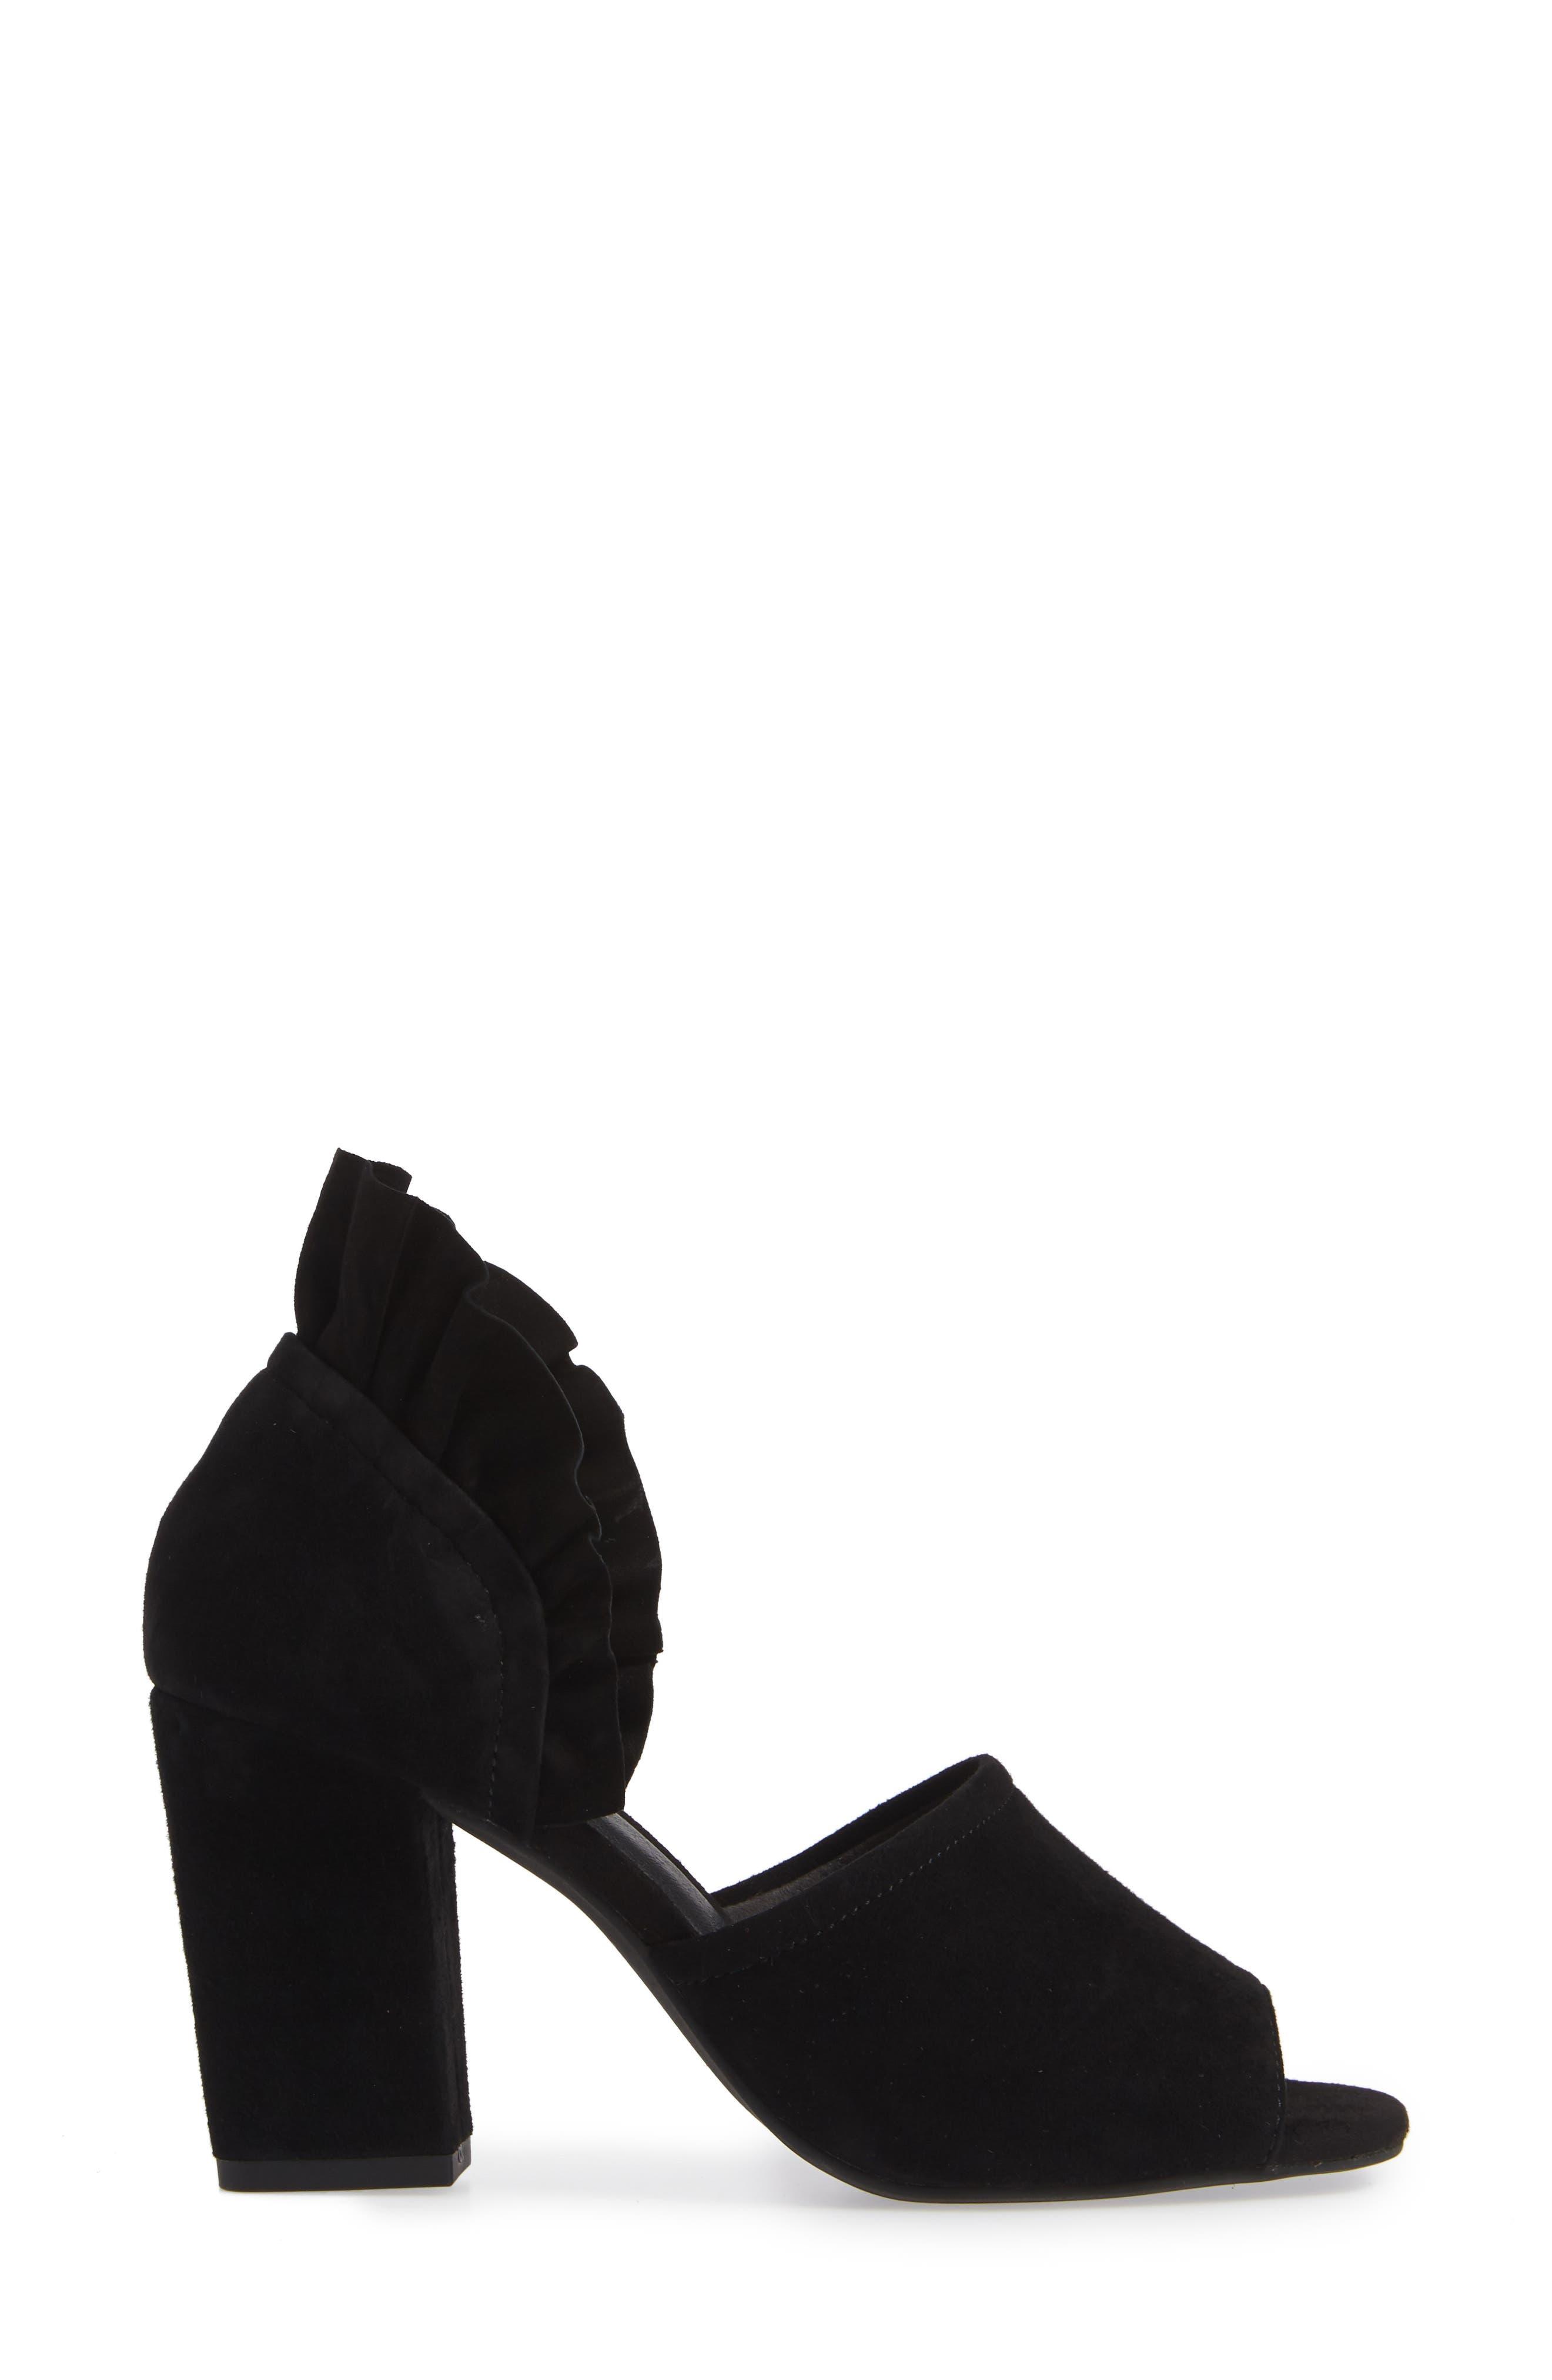 Tropical Sandal,                             Alternate thumbnail 3, color,                             BLACK SUEDE